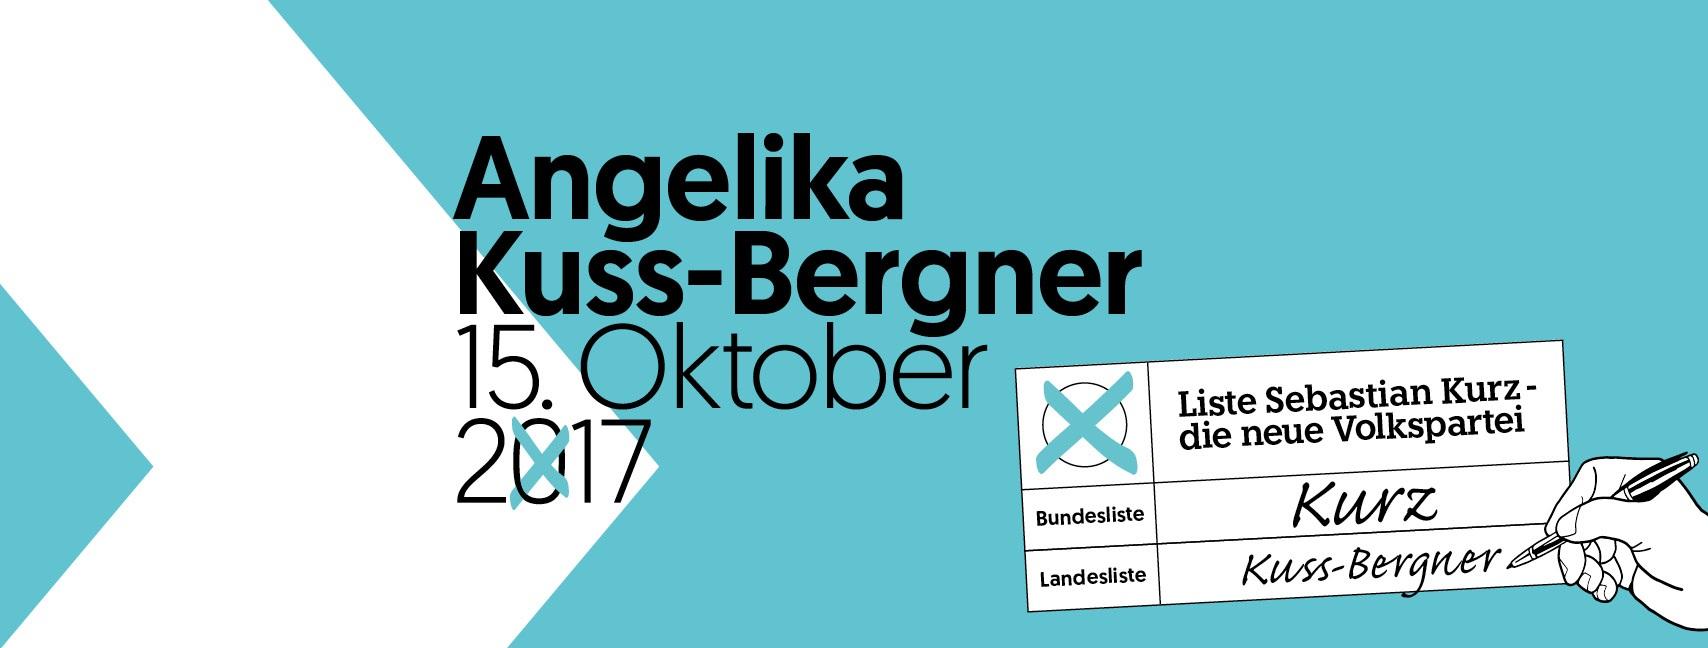 Neuhaus Foto 6 Angelika Kuss Bergner Banner